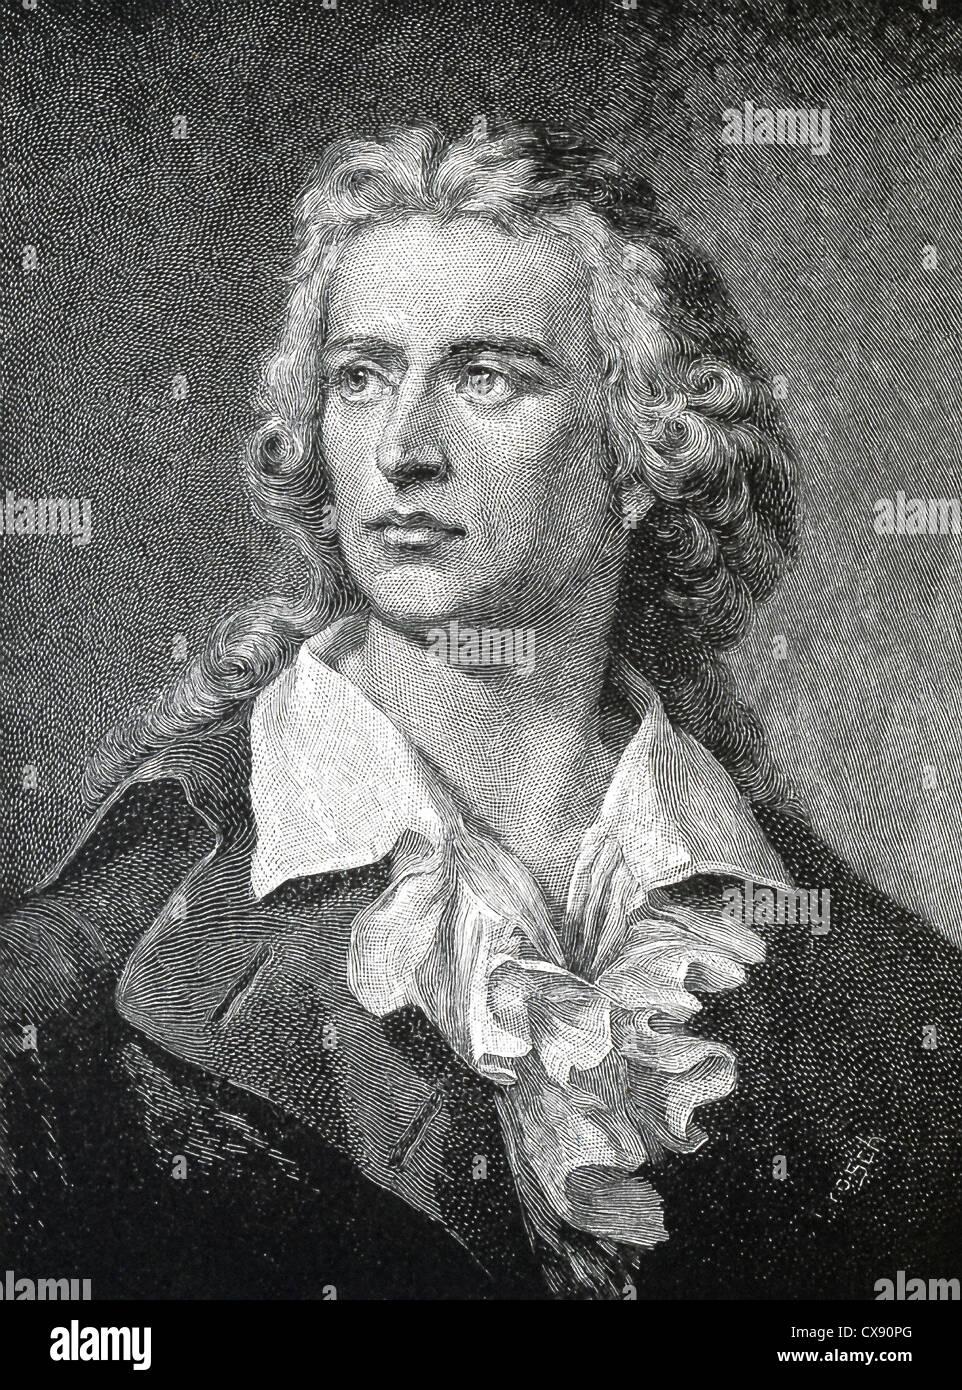 Friedrich von Schiller (1759-1805) was a German poet, philosopher, historian, and playwright. - Stock Image